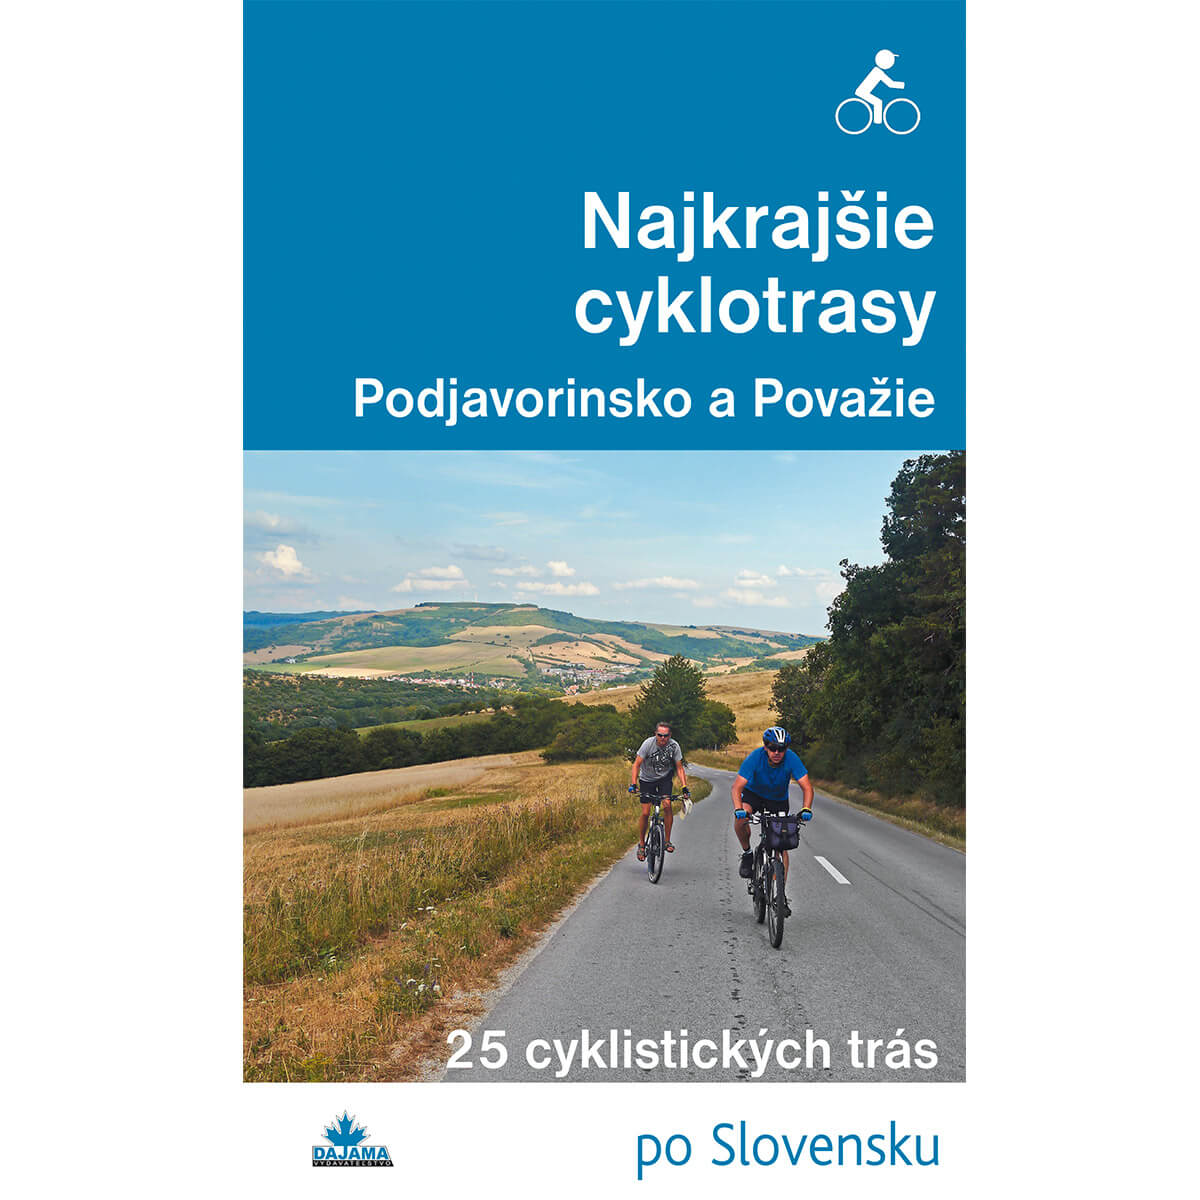 Kniha Najkrajšie cyklotrasy Podjavorinsko a Považie - 25 cyklistických trás po Slovensku z vydavateľstva Dajama